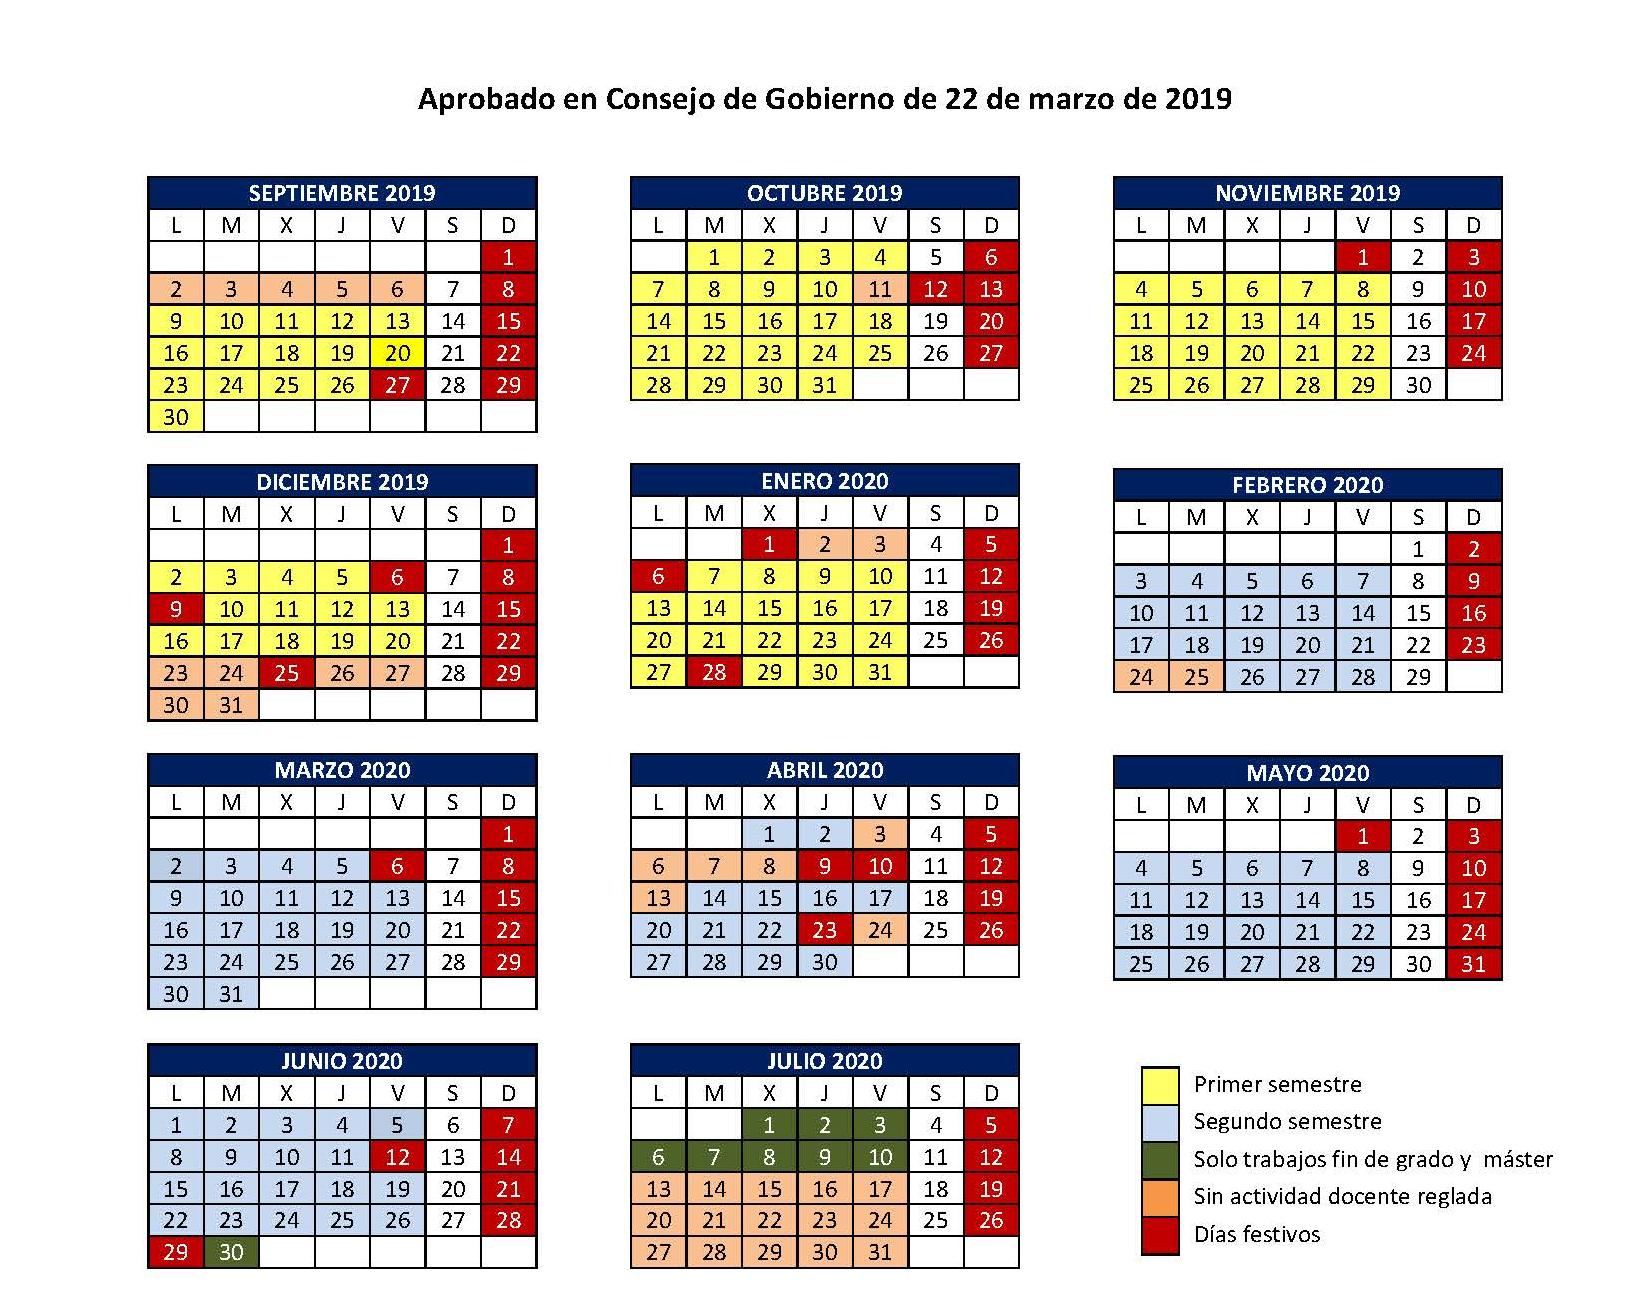 Calendario Festivo Espana 2020.Calendario Academico Del Curso 2019 2020 Universidad De Burgos